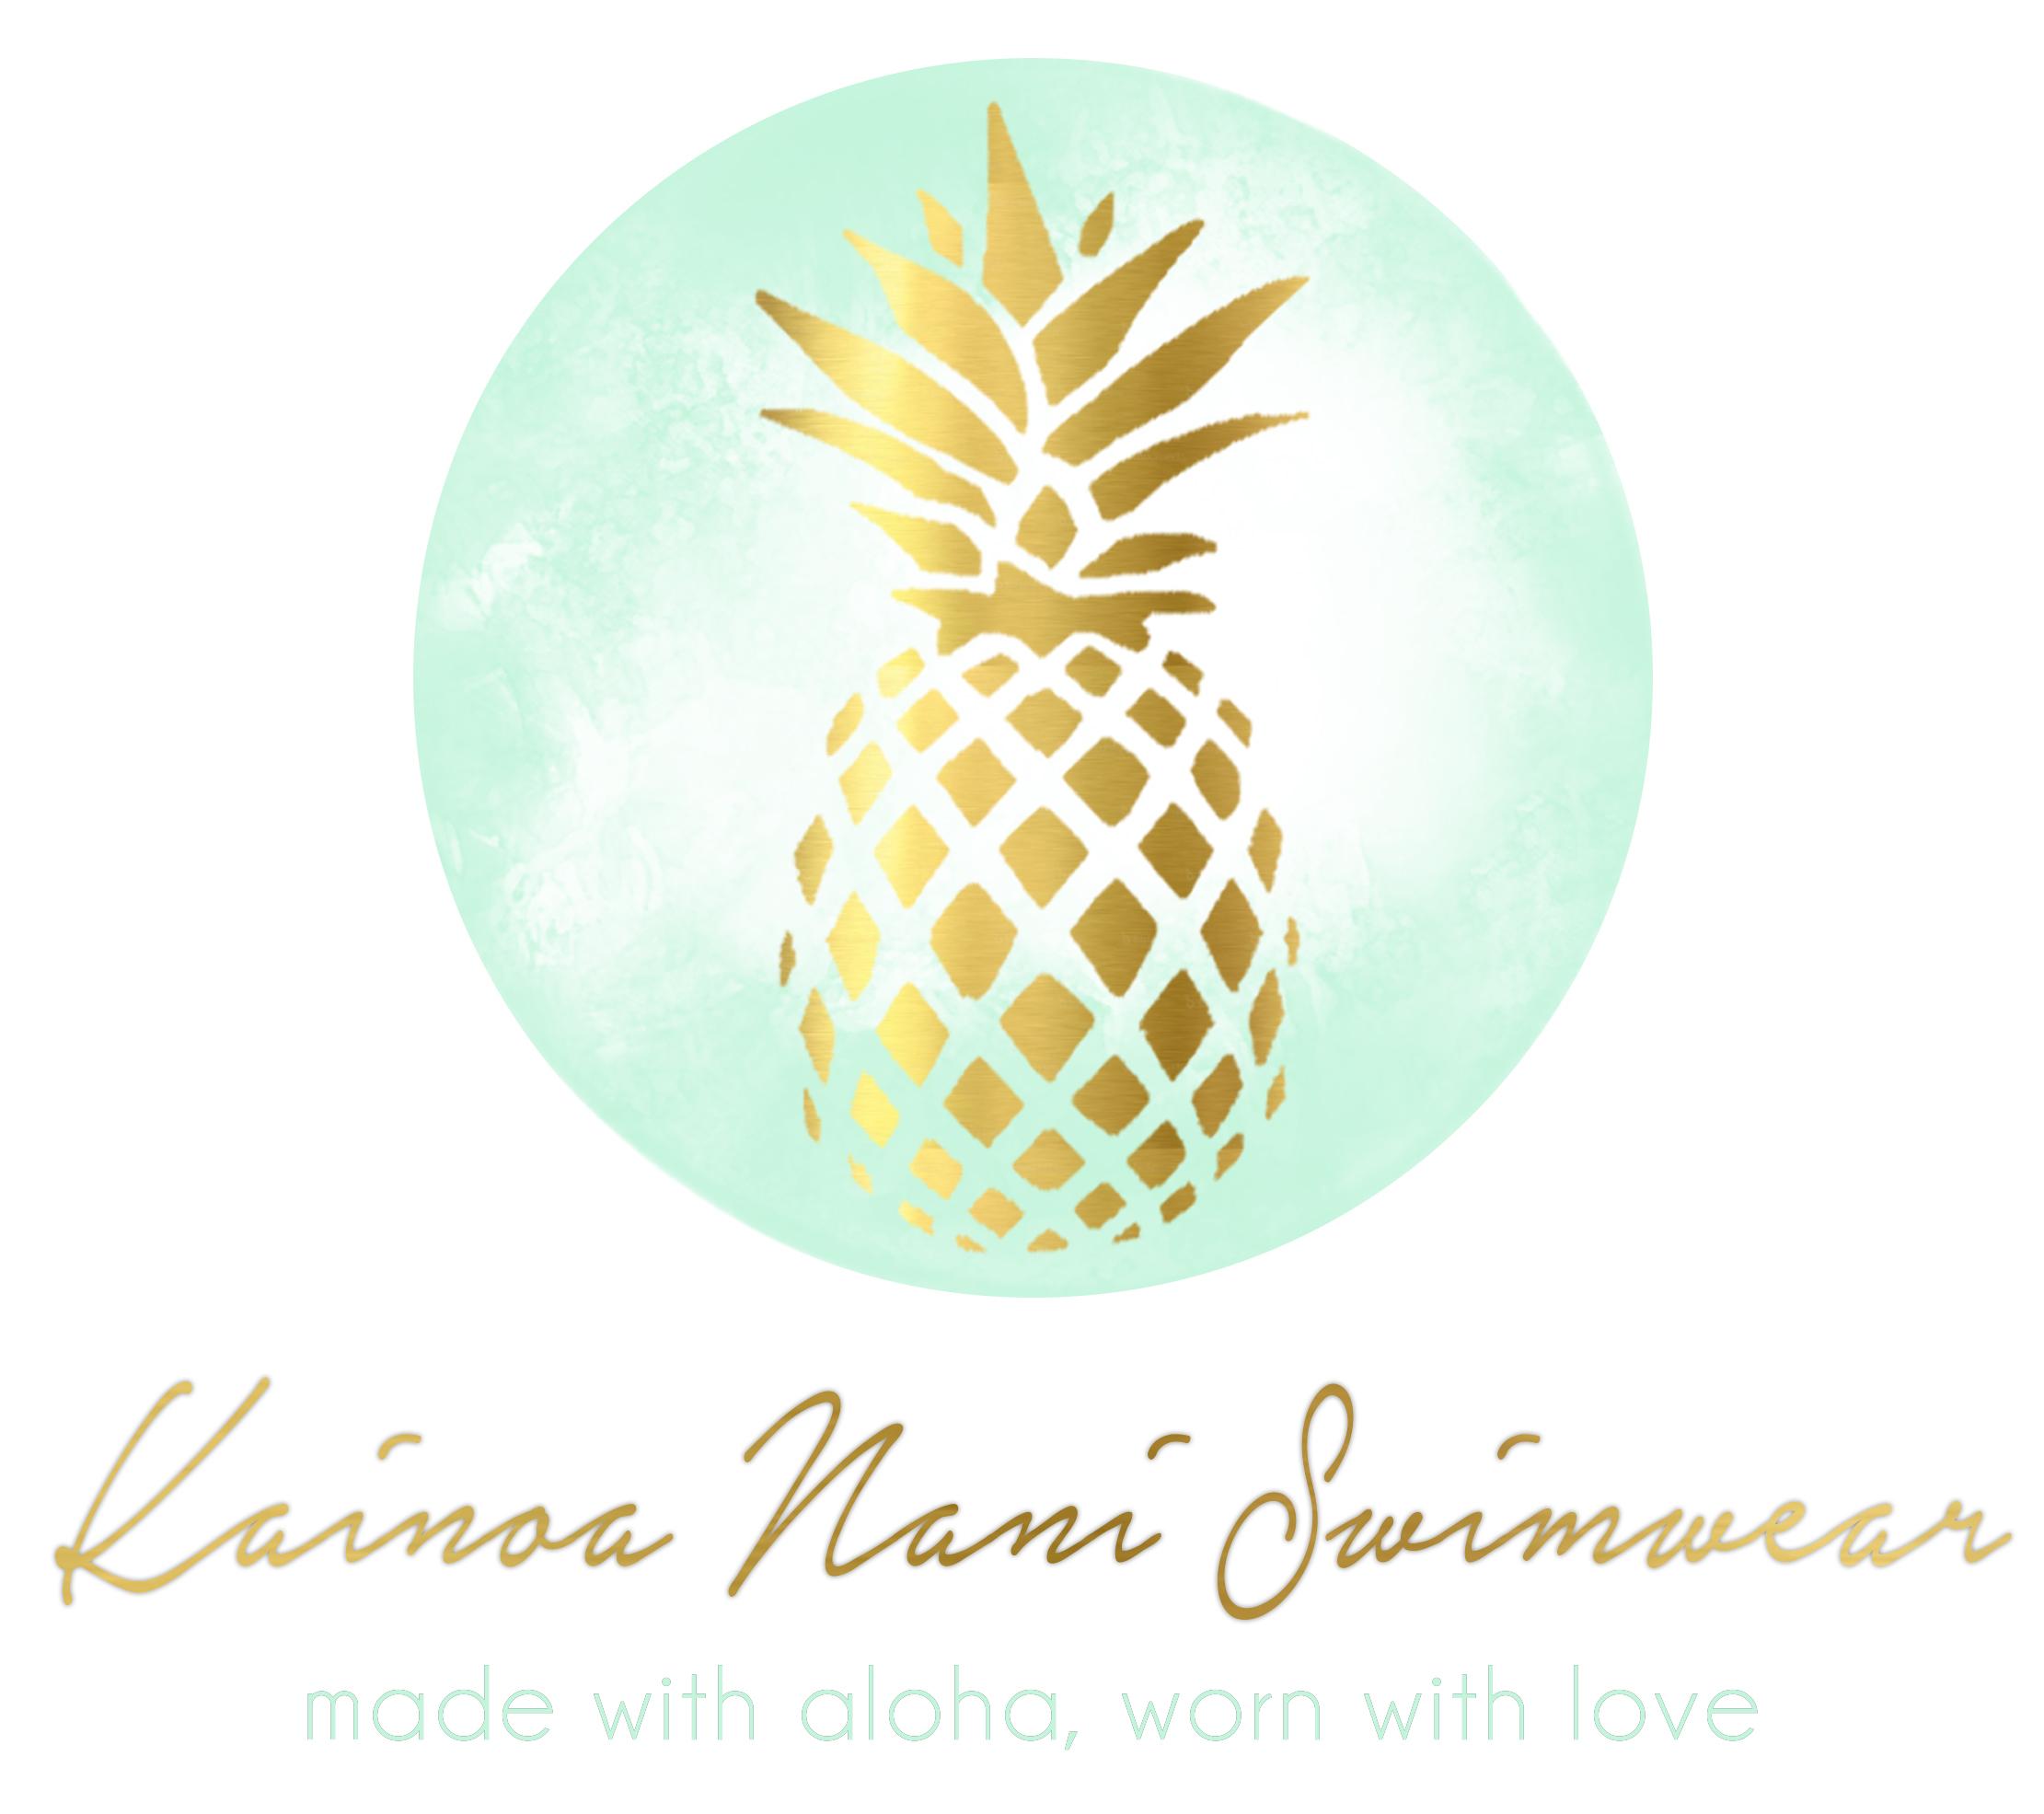 logo designed by: http://www.castawaydesignco.com/